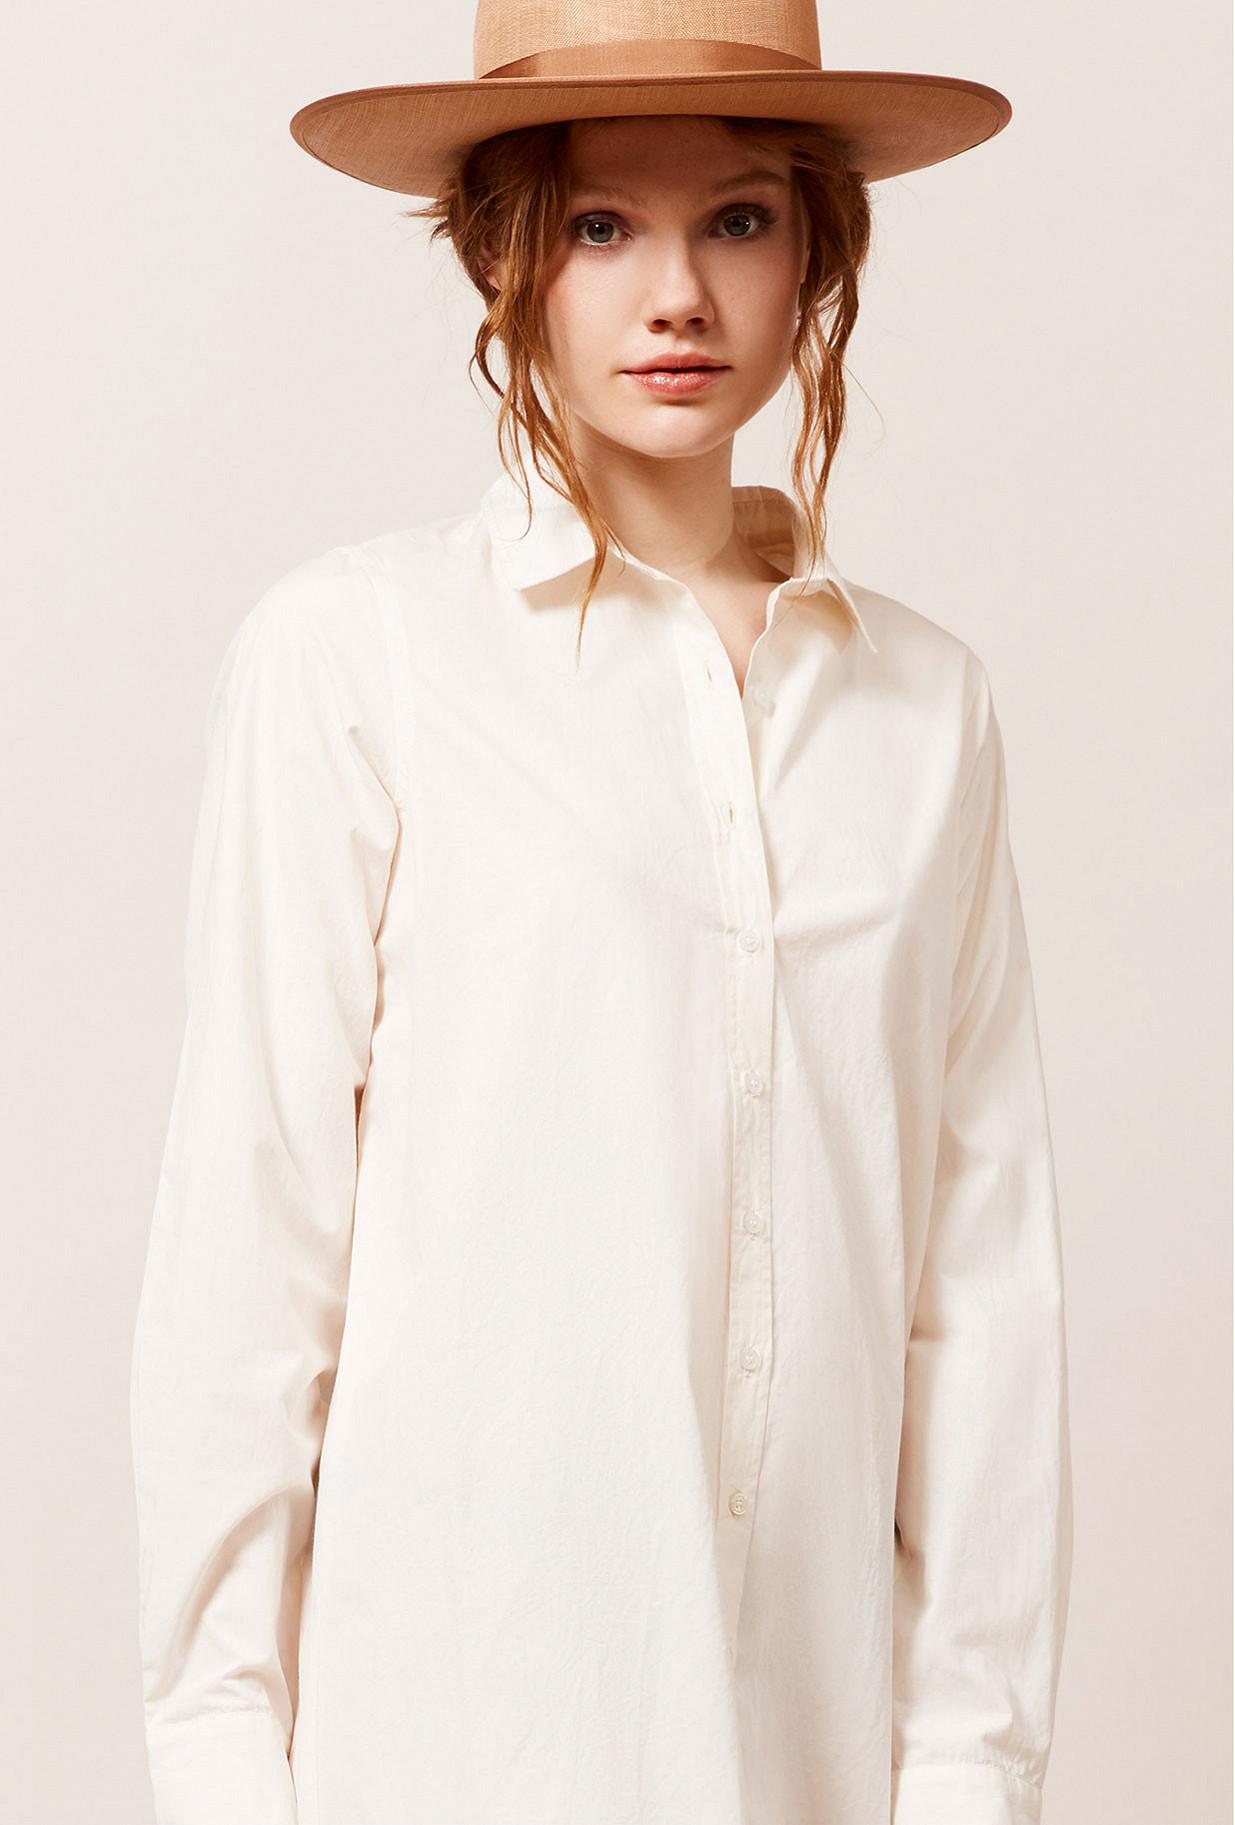 Dress  Kemis Mes demoiselles fashion clothes designer Paris